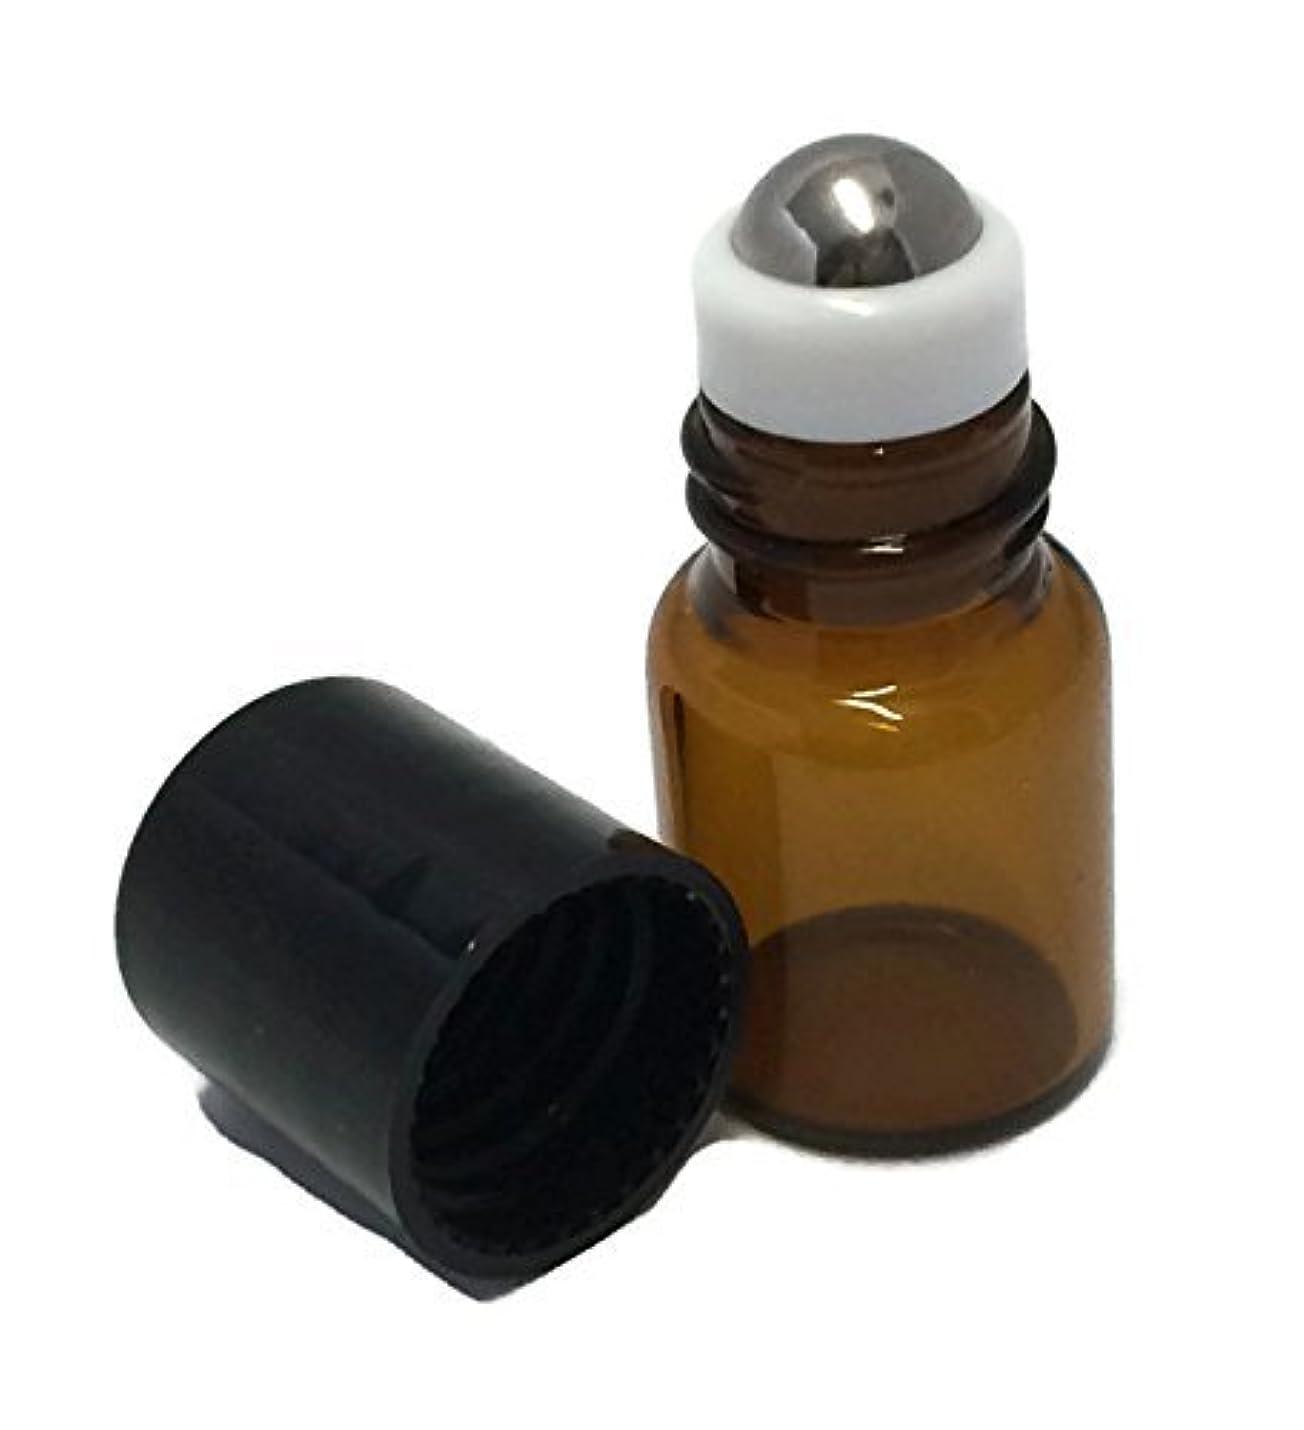 中断寛容規模USA 144 Amber Glass 2 ml, 5/8 Dram Mini Roll-On Glass Bottles with Stainless Steel Roller Balls - Refillable Aromatherapy...